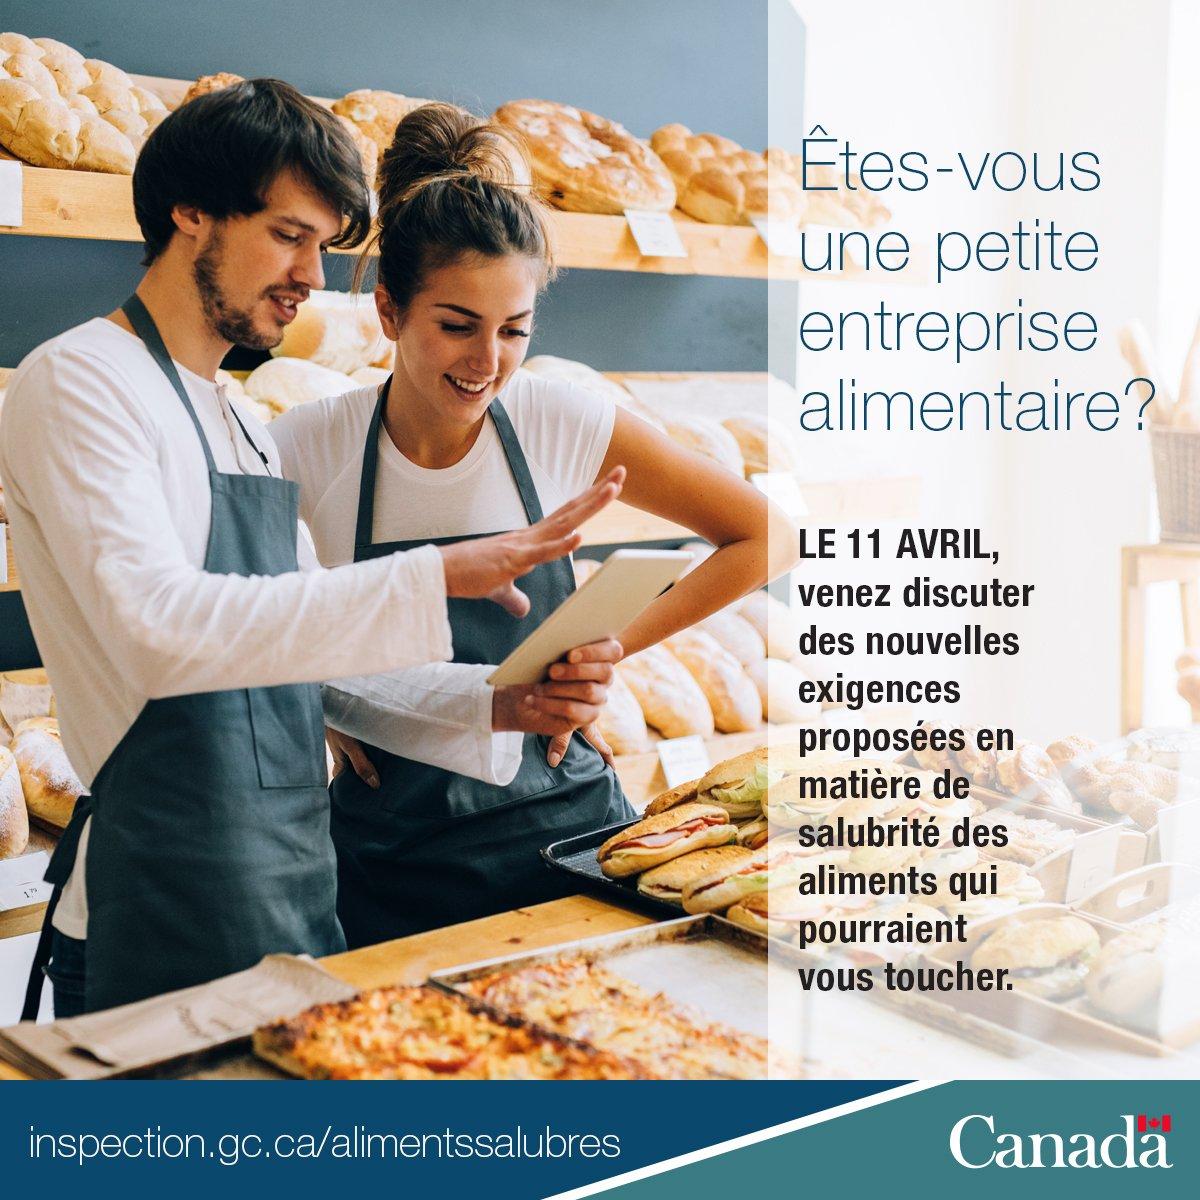 Clavardage en direct le 11 avril : Des réponses à vos questions sur le projet de Règl. #AlimentsSalubres #SMEPME https://t.co/nN2IHMVOrU https://t.co/TxzN47Xpz7